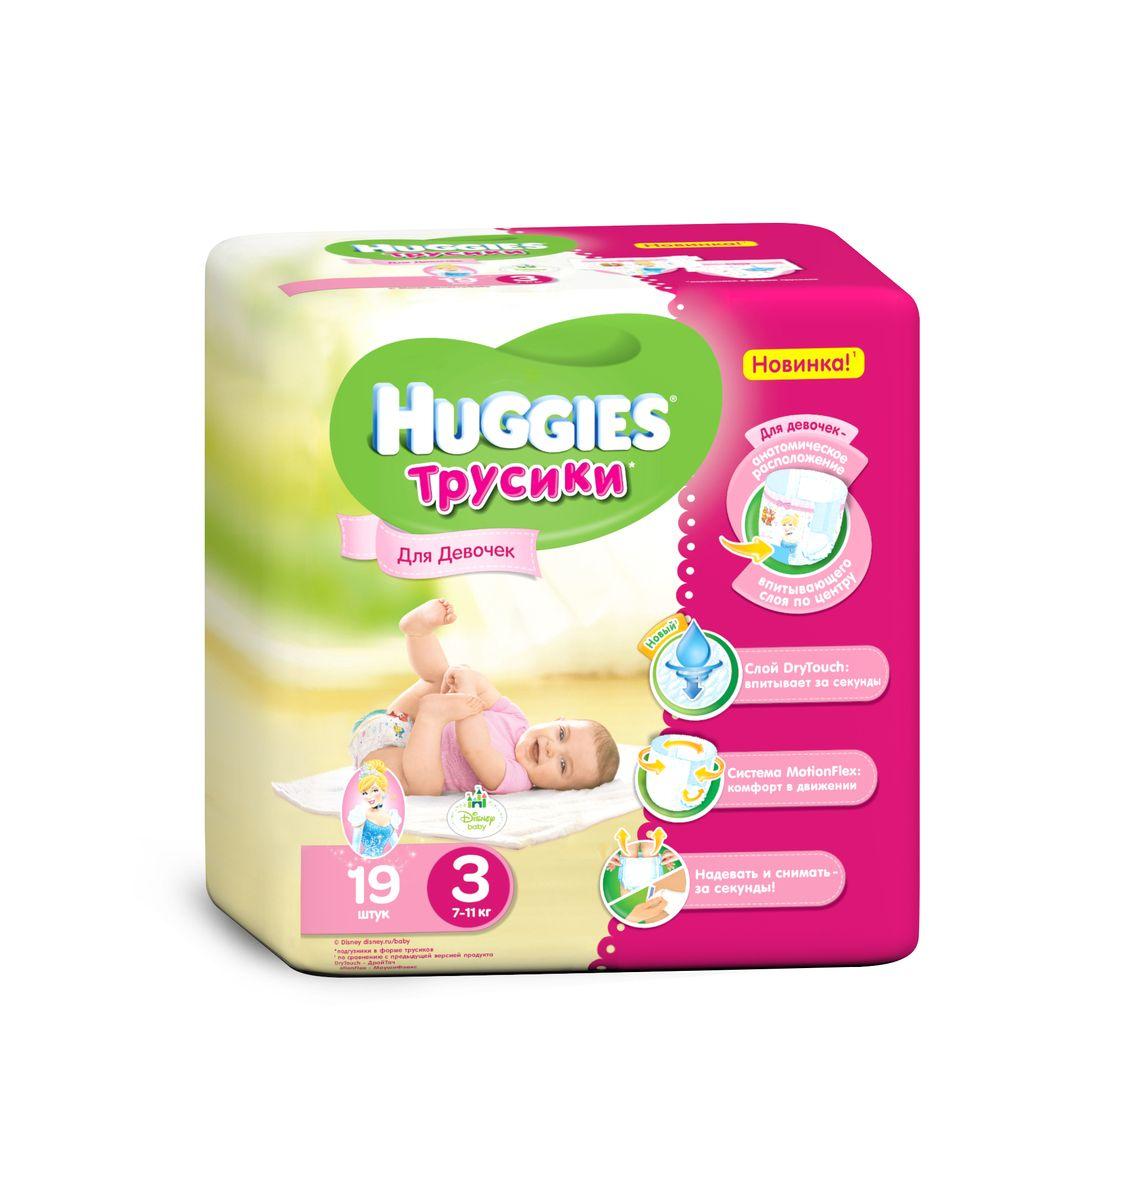 """С """"Huggies"""" смена трусиков стала такой удобной! Трусики надеваются через ножки и снимаются одним движением! В трусиках """"Huggies"""" ничего не будет отвлекать вашего малыша от любимых занятий, идеально сидят даже на самых активных и непоседливых малышах. Основные преимущества трусиков """"Huggies"""": трусики """"Huggies"""" специально разработаны для мальчиков и для девочек. Для лучшего впитывания распределяющий слой расположен там, где это нужнее всего: по центру для девочек и выше для мальчиков. Трусики разработаны из новых более мягких материалов с микропорами, которые позволяют коже """"дышать"""". Трусики имеют специальные открывающиеся боковинки для легкого переодевания. Также стало очень легко избавиться от использованных трусиков: расстегните, сверните, закрепите застежками на боковинках. Трусики имеют систему MotionFlex для великолепного прилегания и комфорта в движении. Это мягкие, тянущиеся во всех направлениях поясок и широкие боковинки и эластичные манжеты вокруг ножек, что обеспечивает..."""